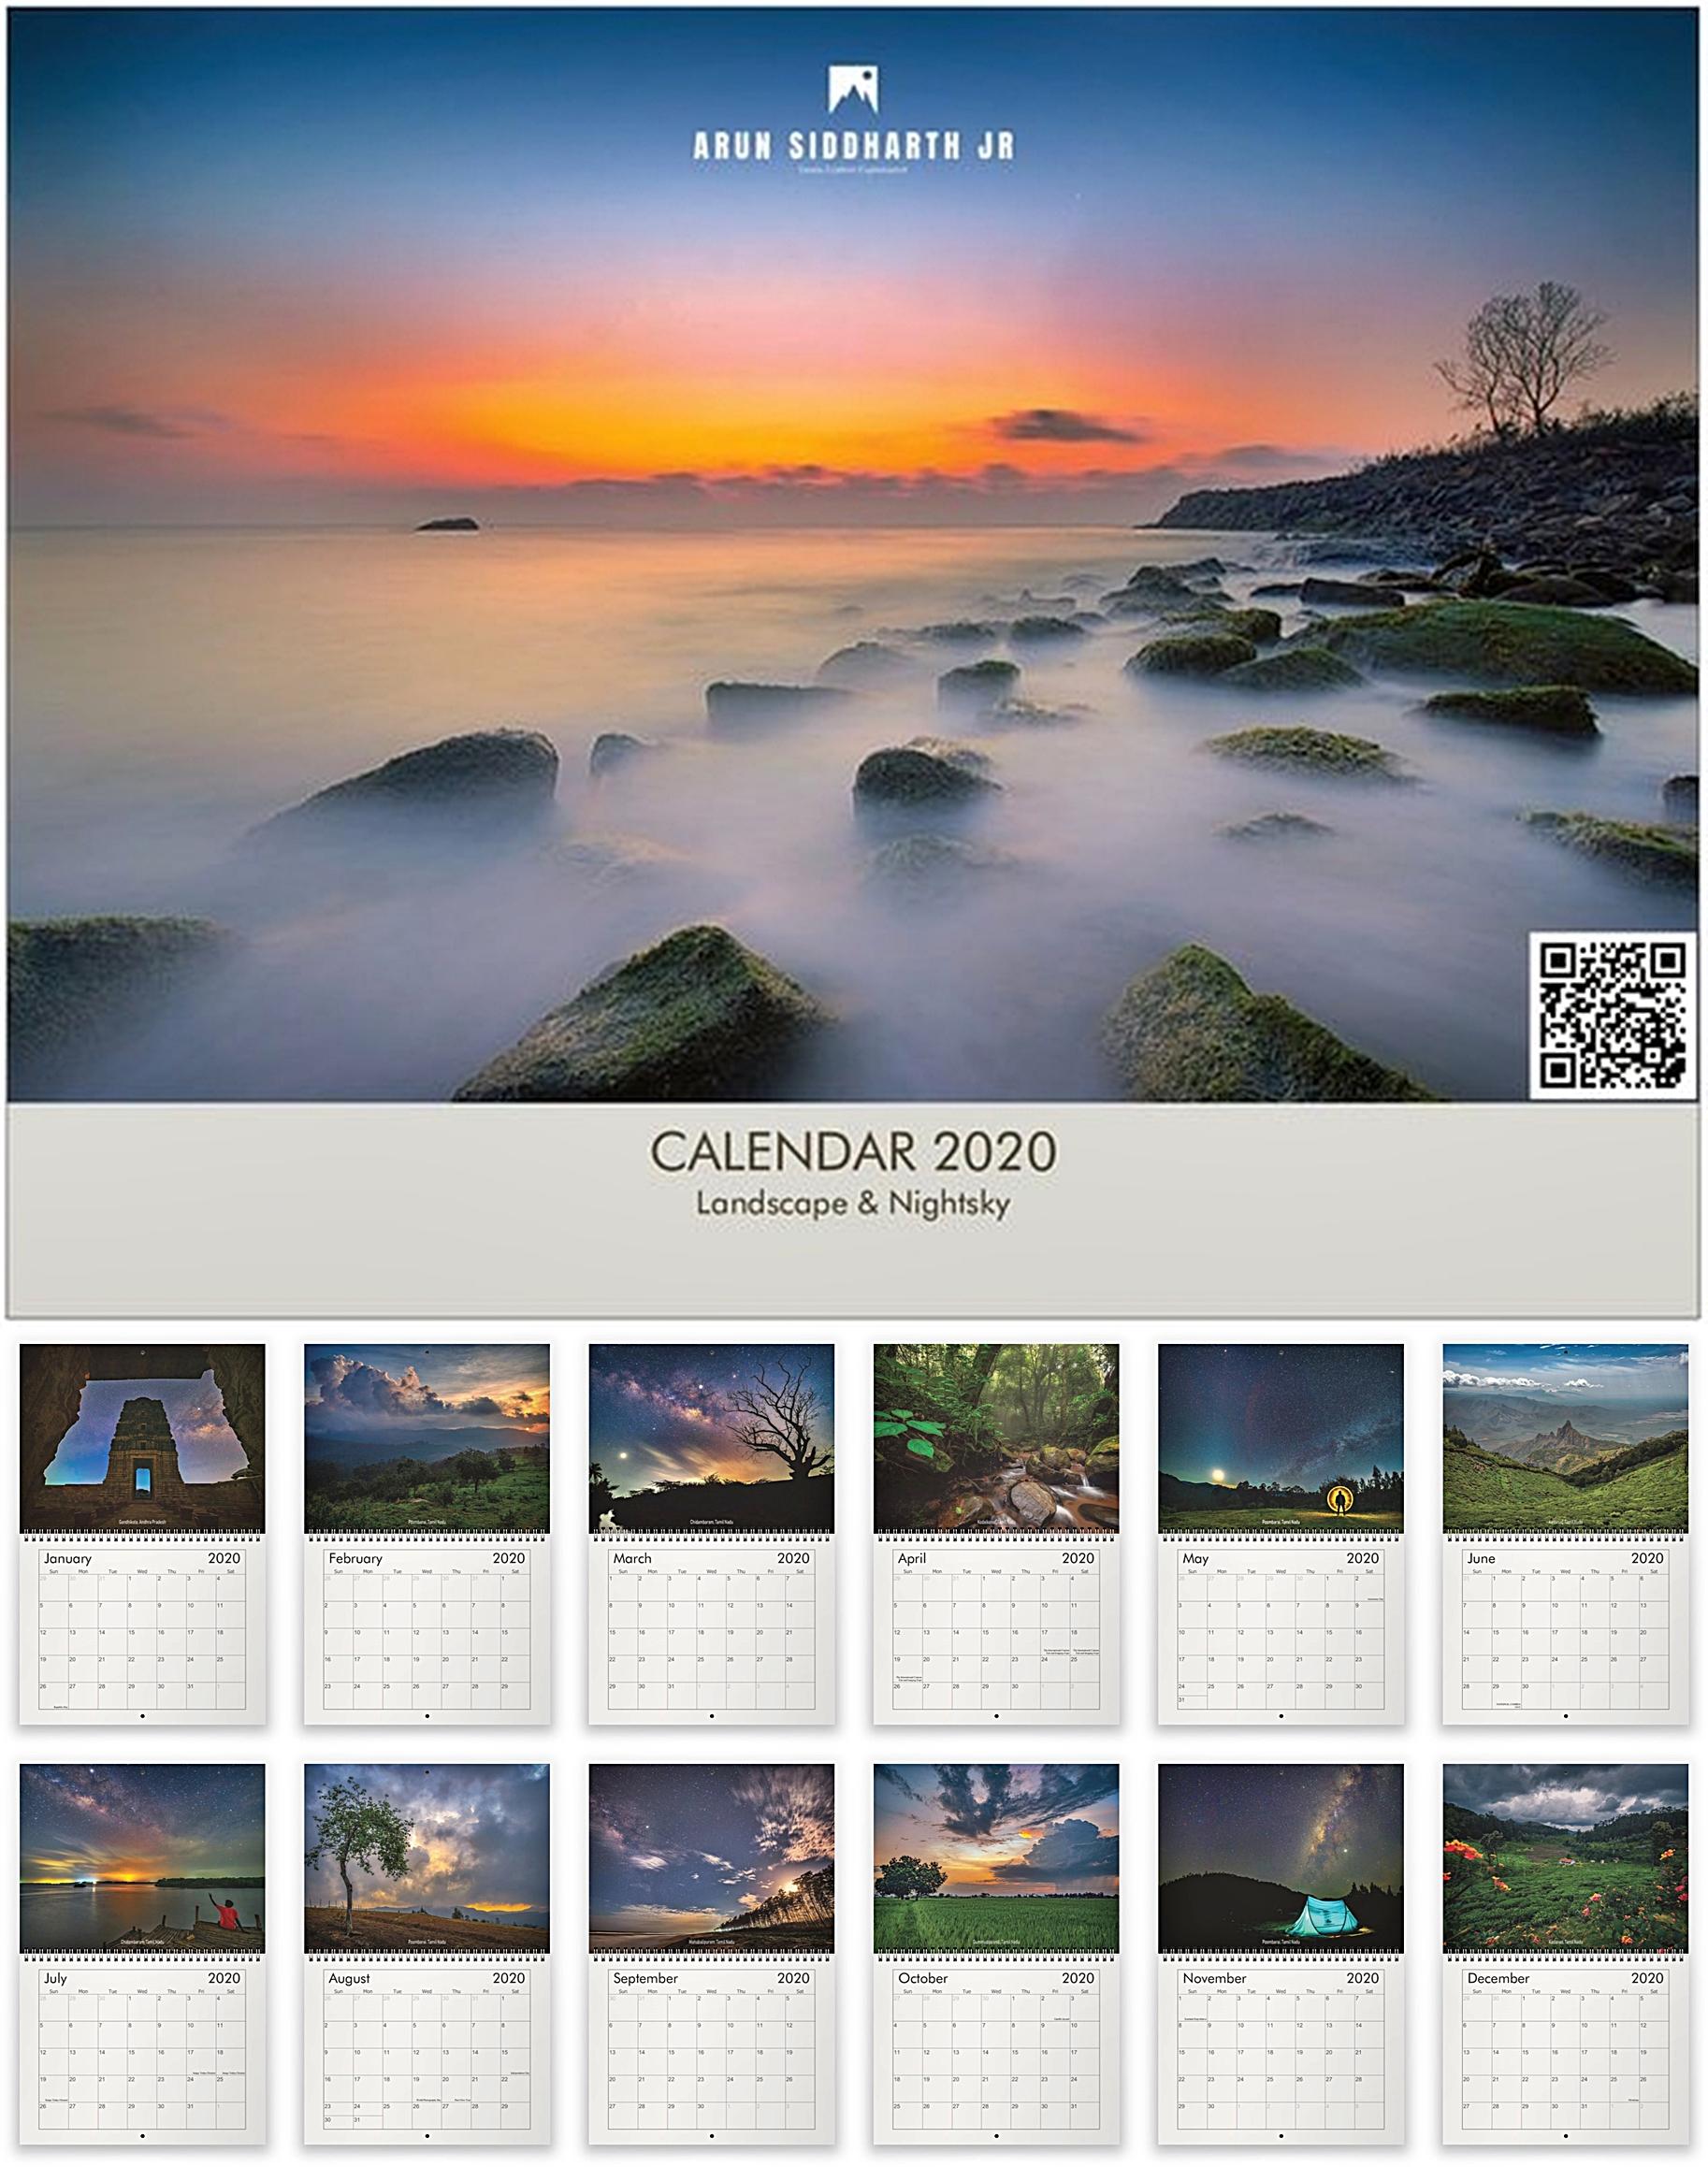 Calendar 2020 Wall Mount